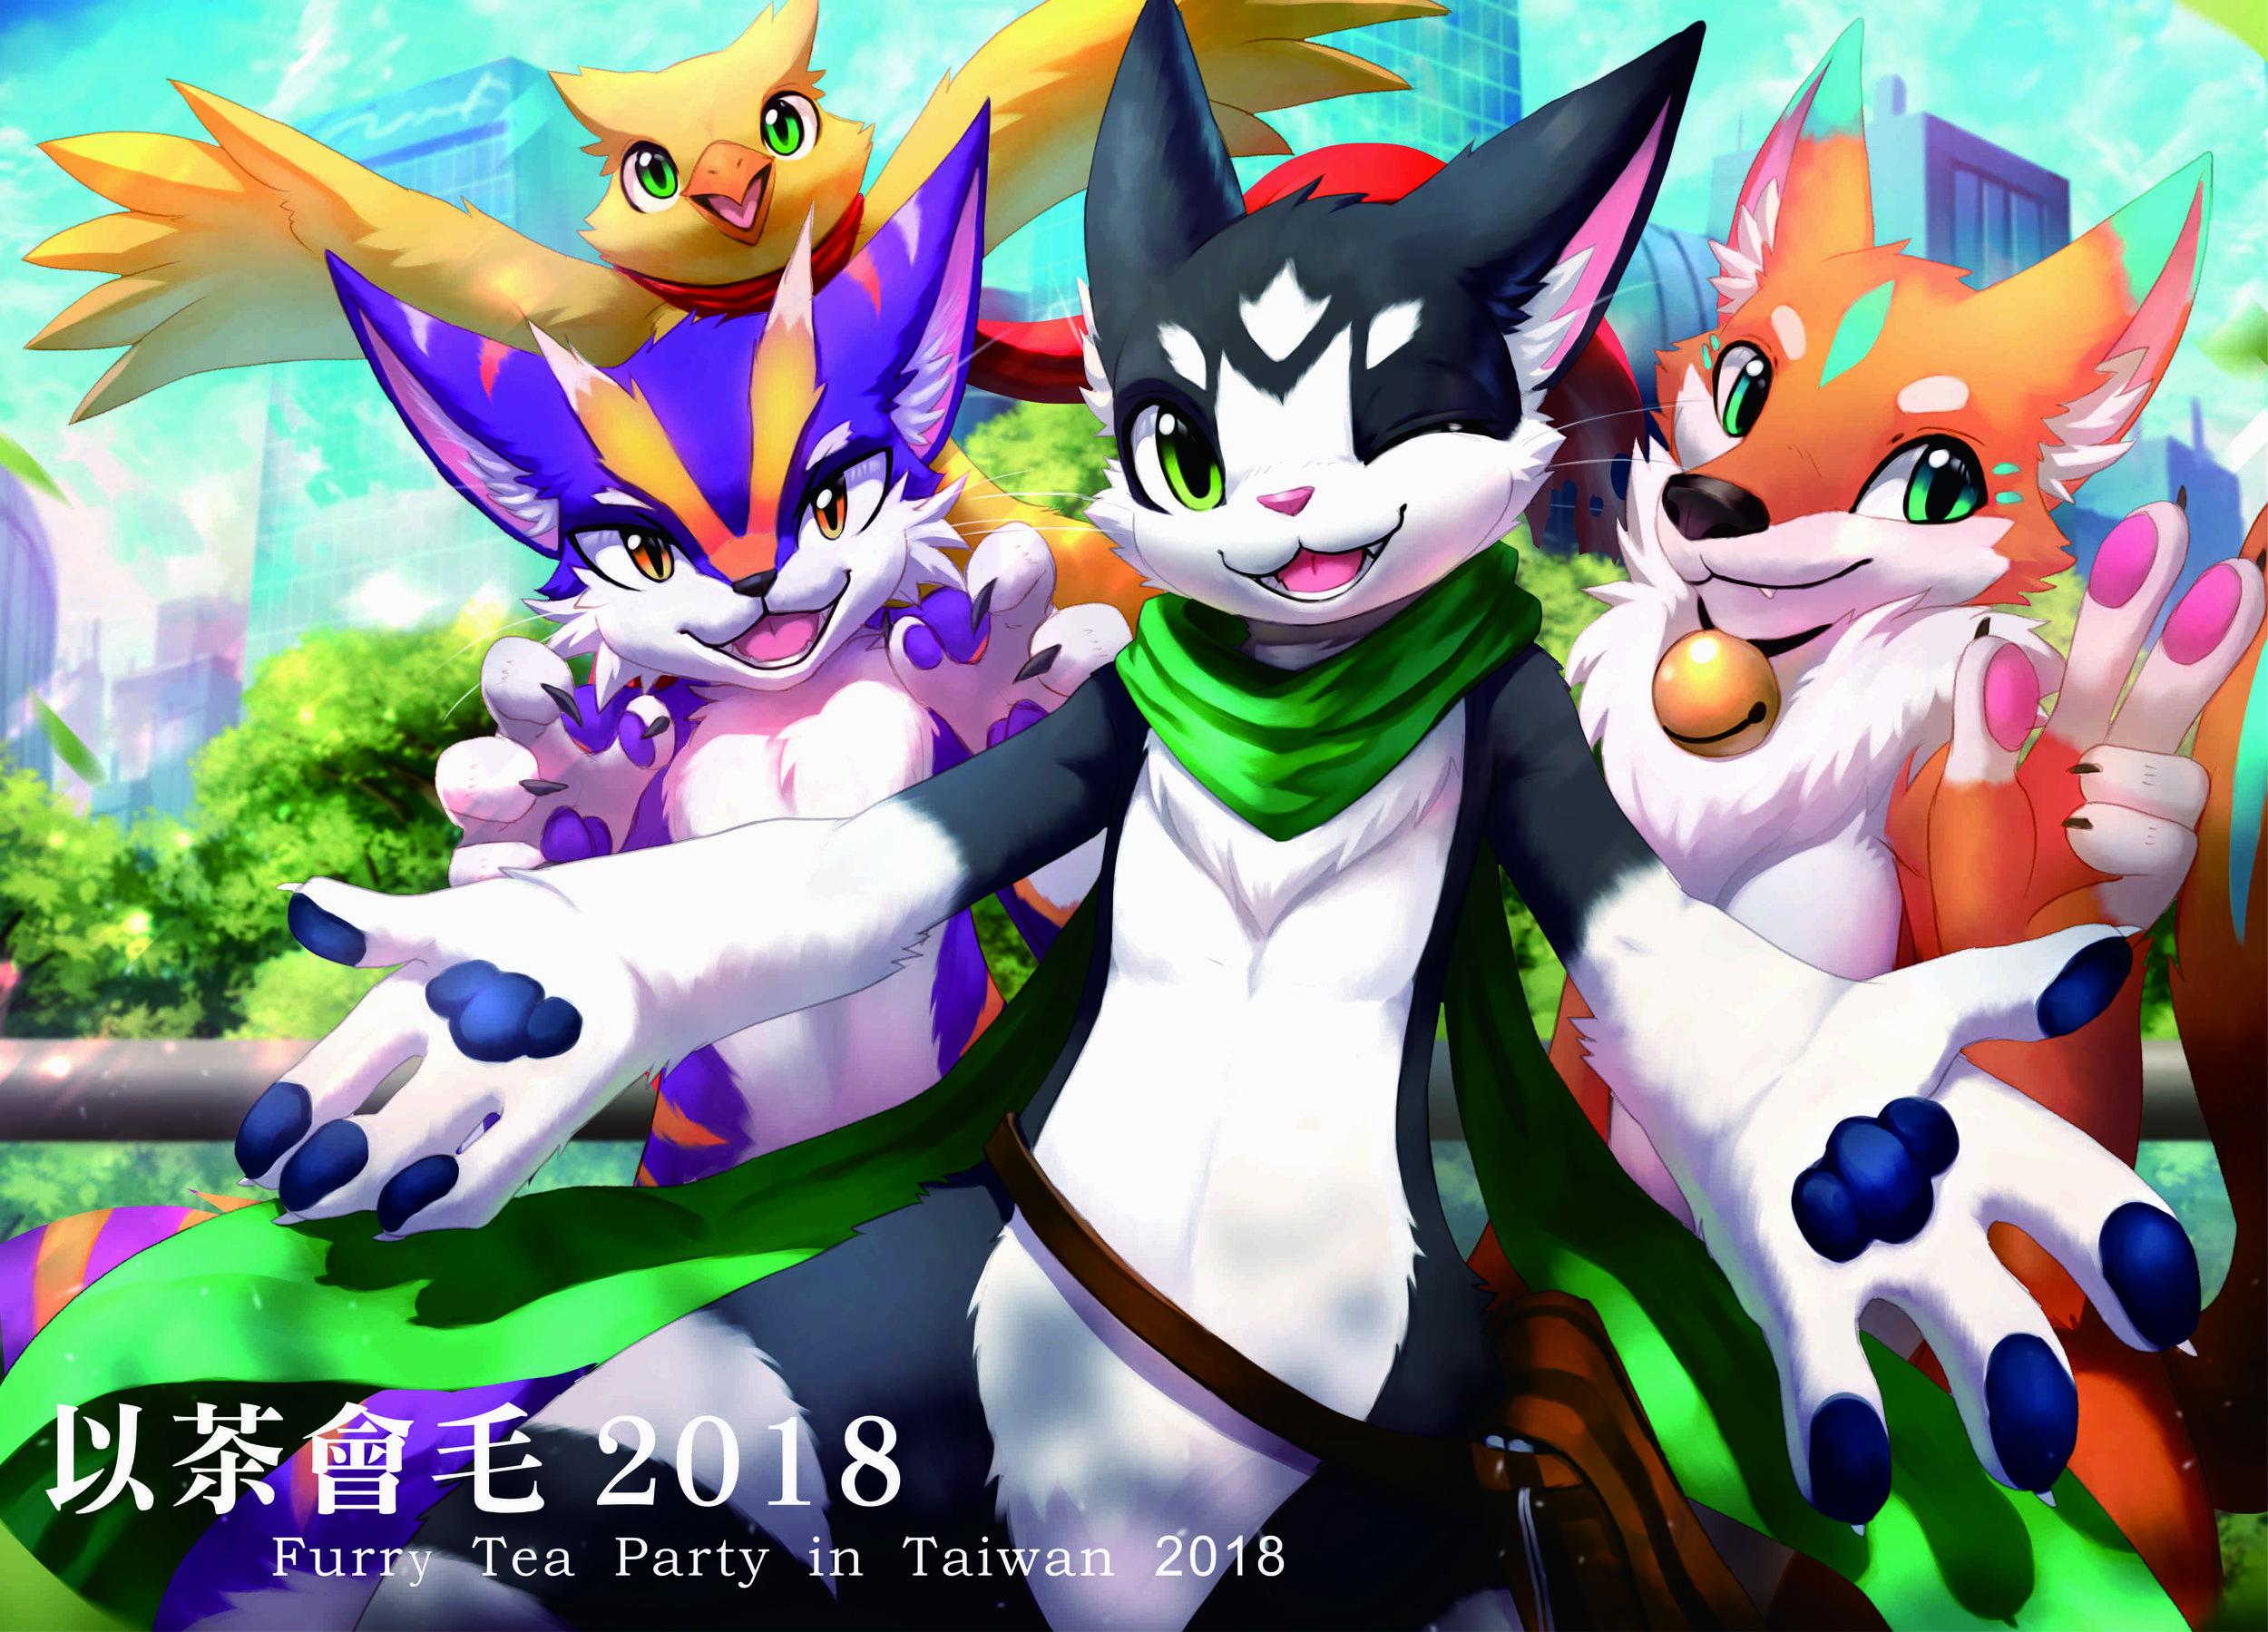 以茶會毛 2018 - 2018/03/03 高雄駁二藝術特區